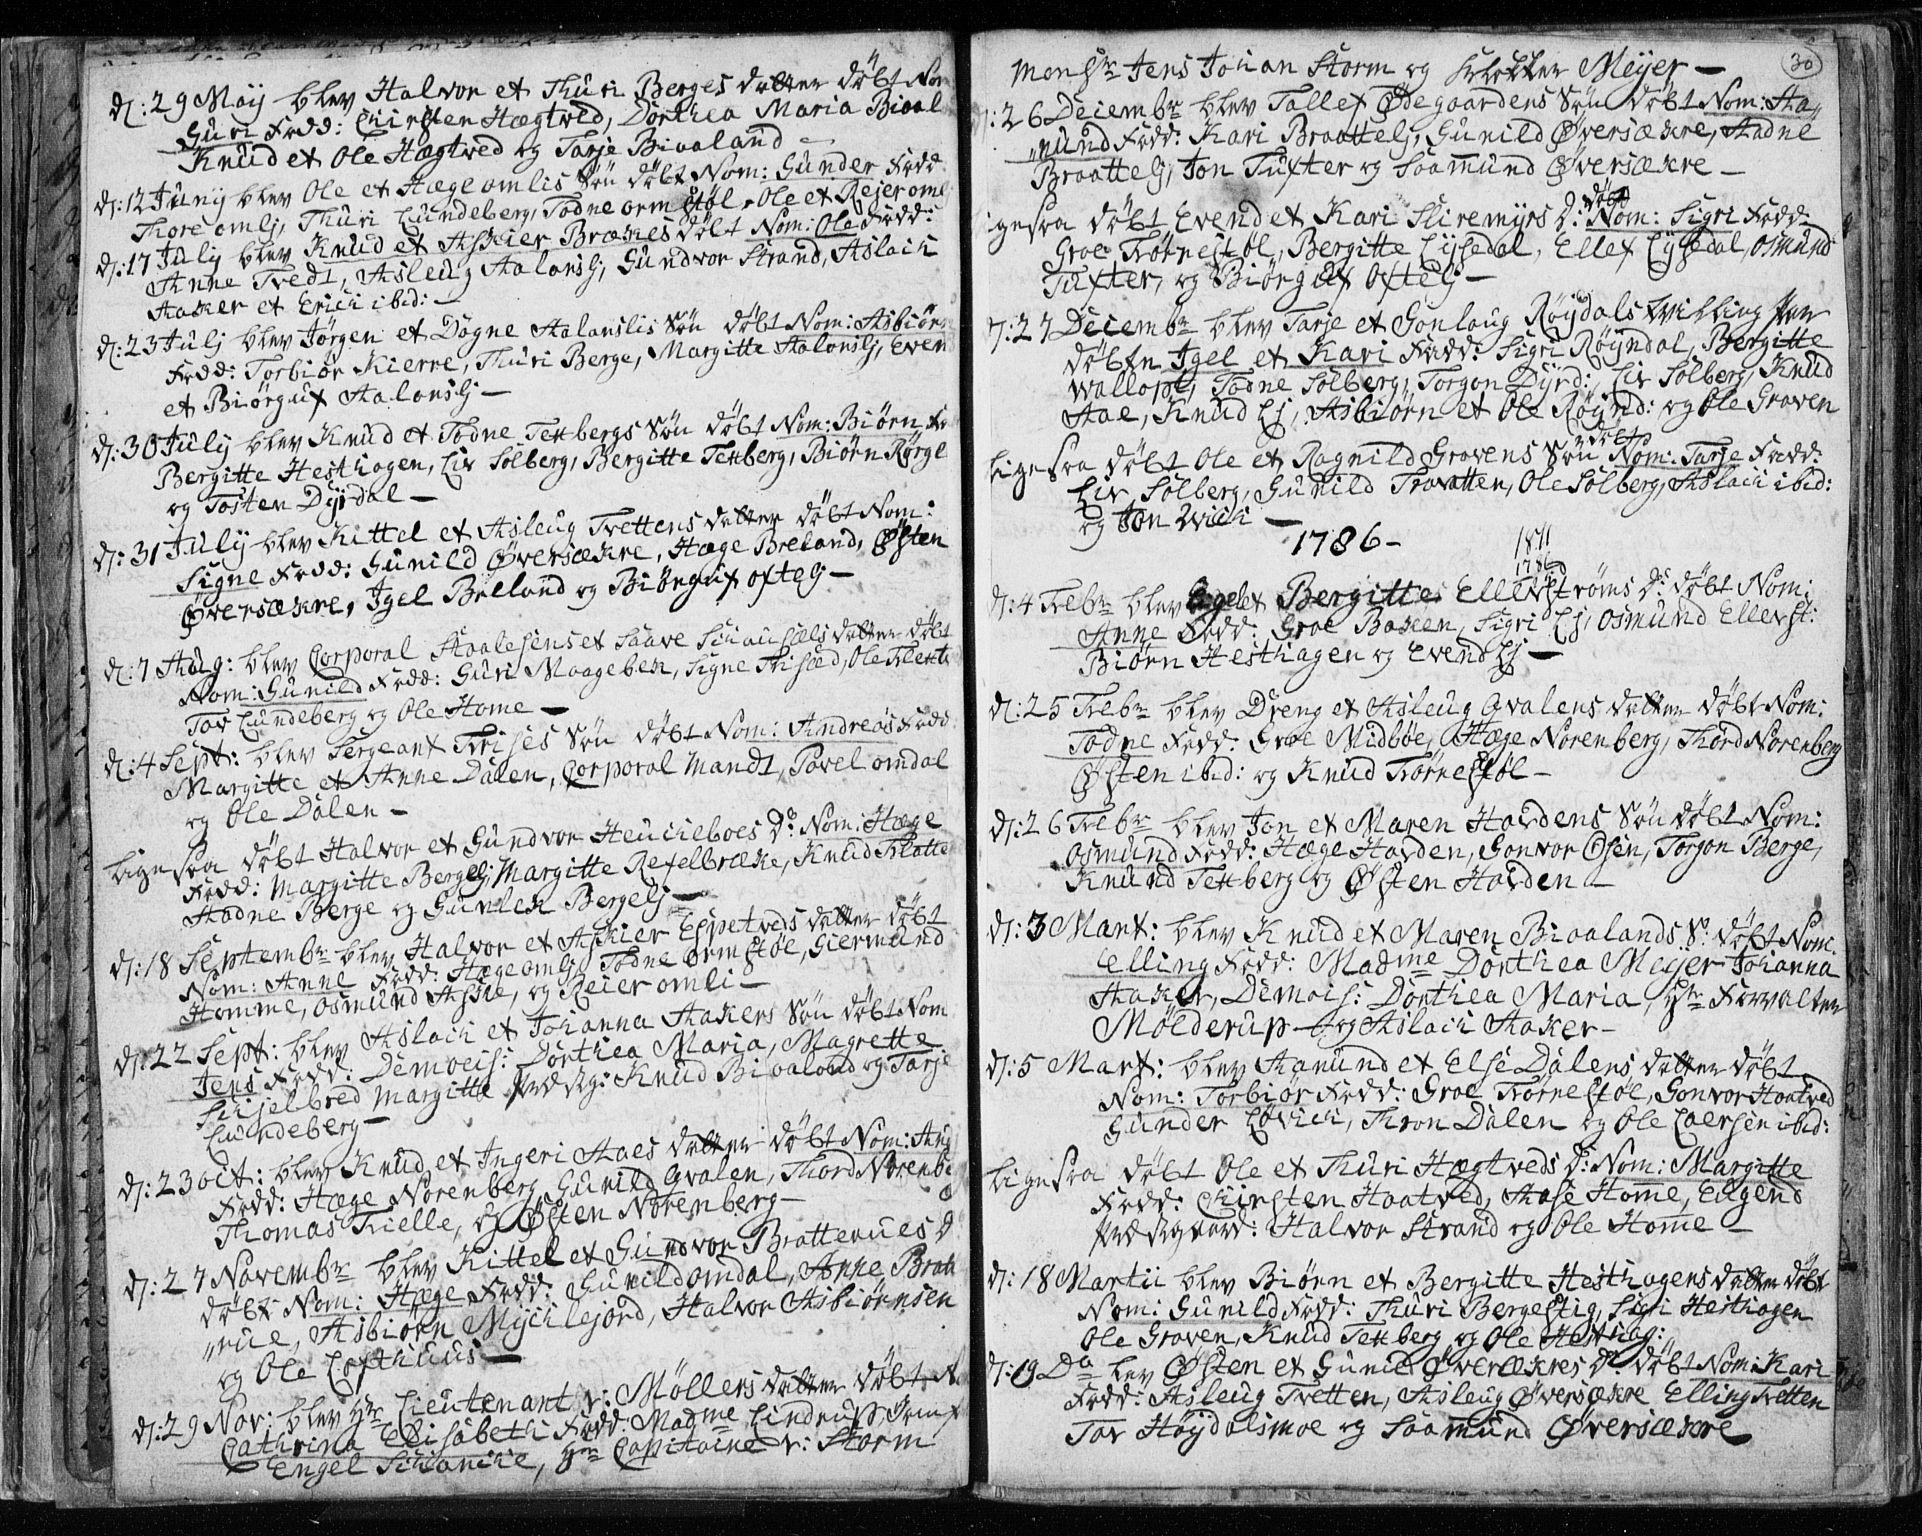 SAKO, Lårdal kirkebøker, F/Fa/L0003: Ministerialbok nr. I 3, 1754-1790, s. 30